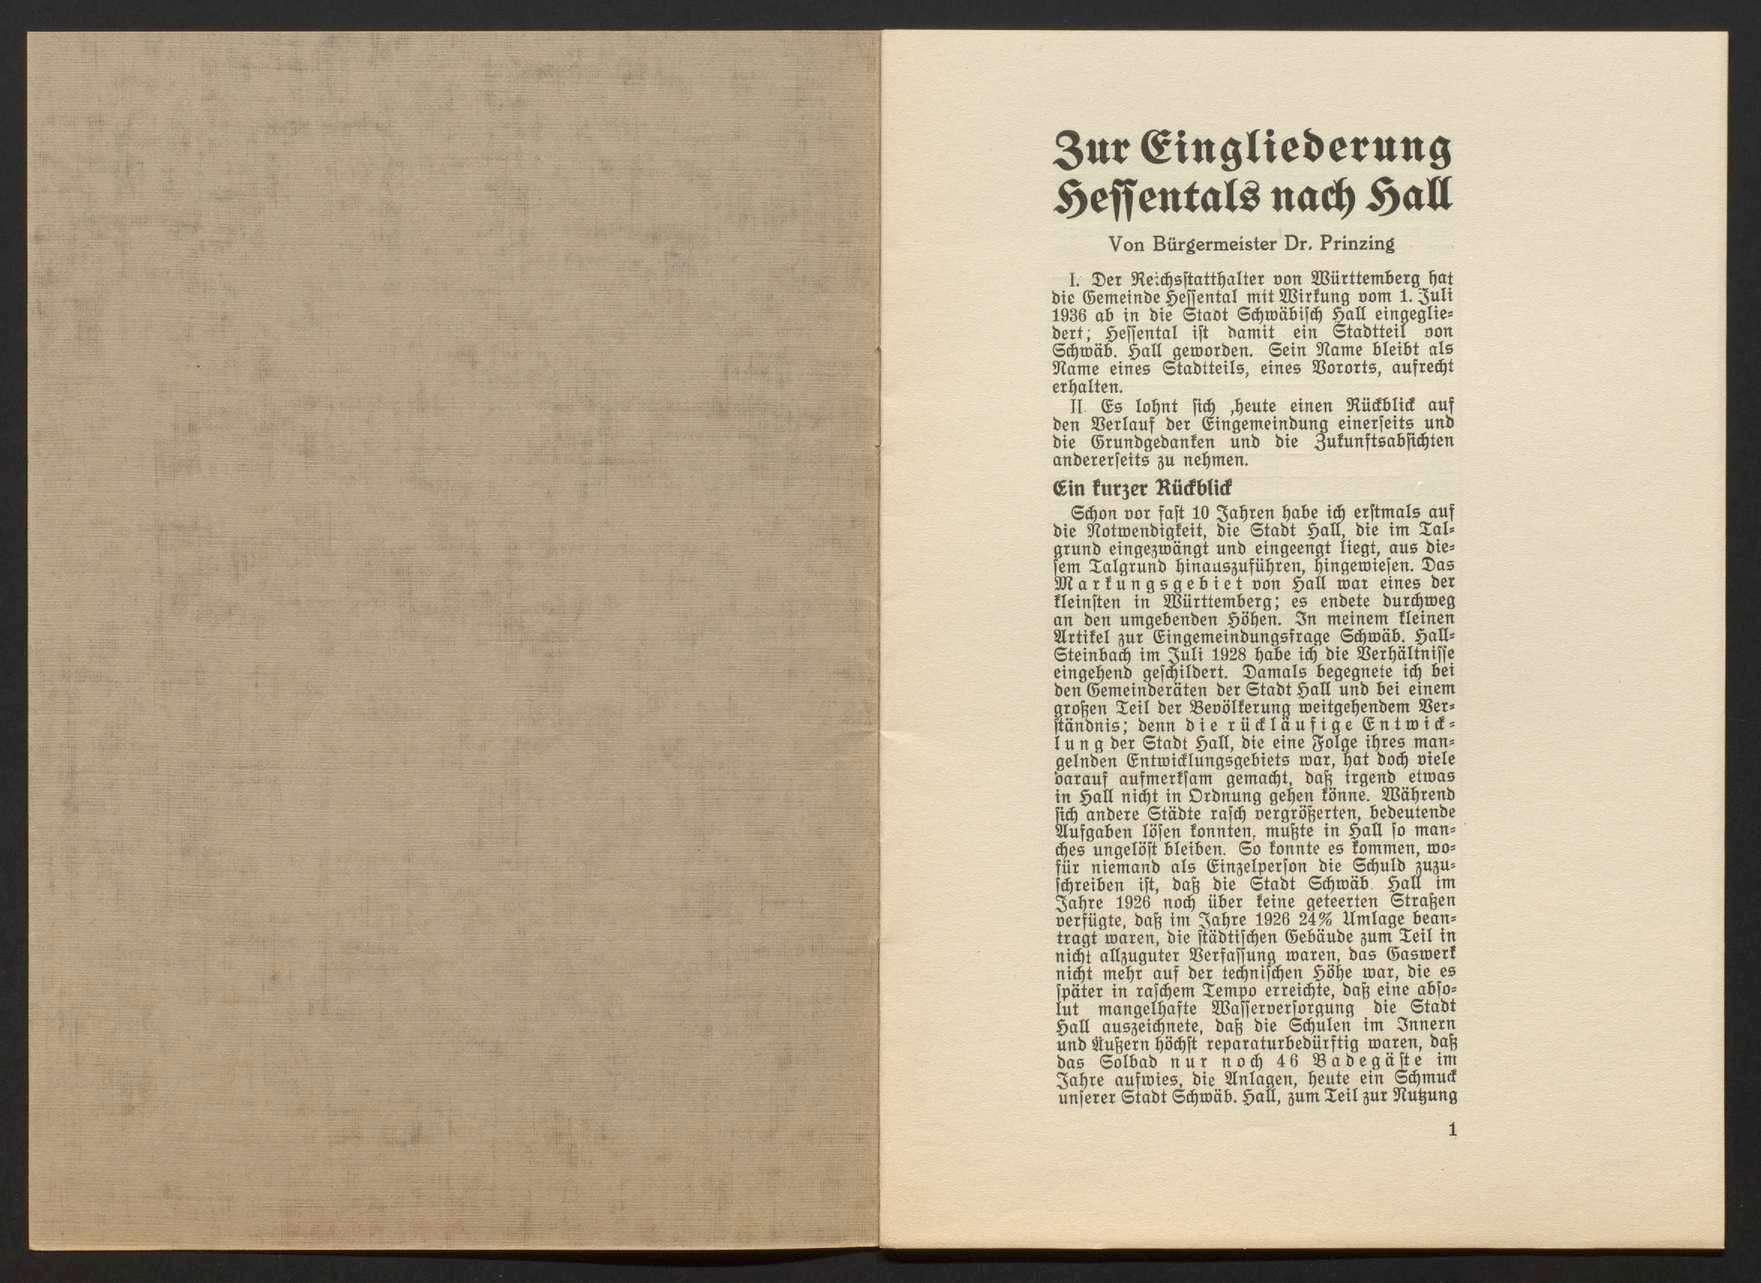 Staats- bzw. Ministerpräsident: Allgemeines, Stellvertretung, Bild 3